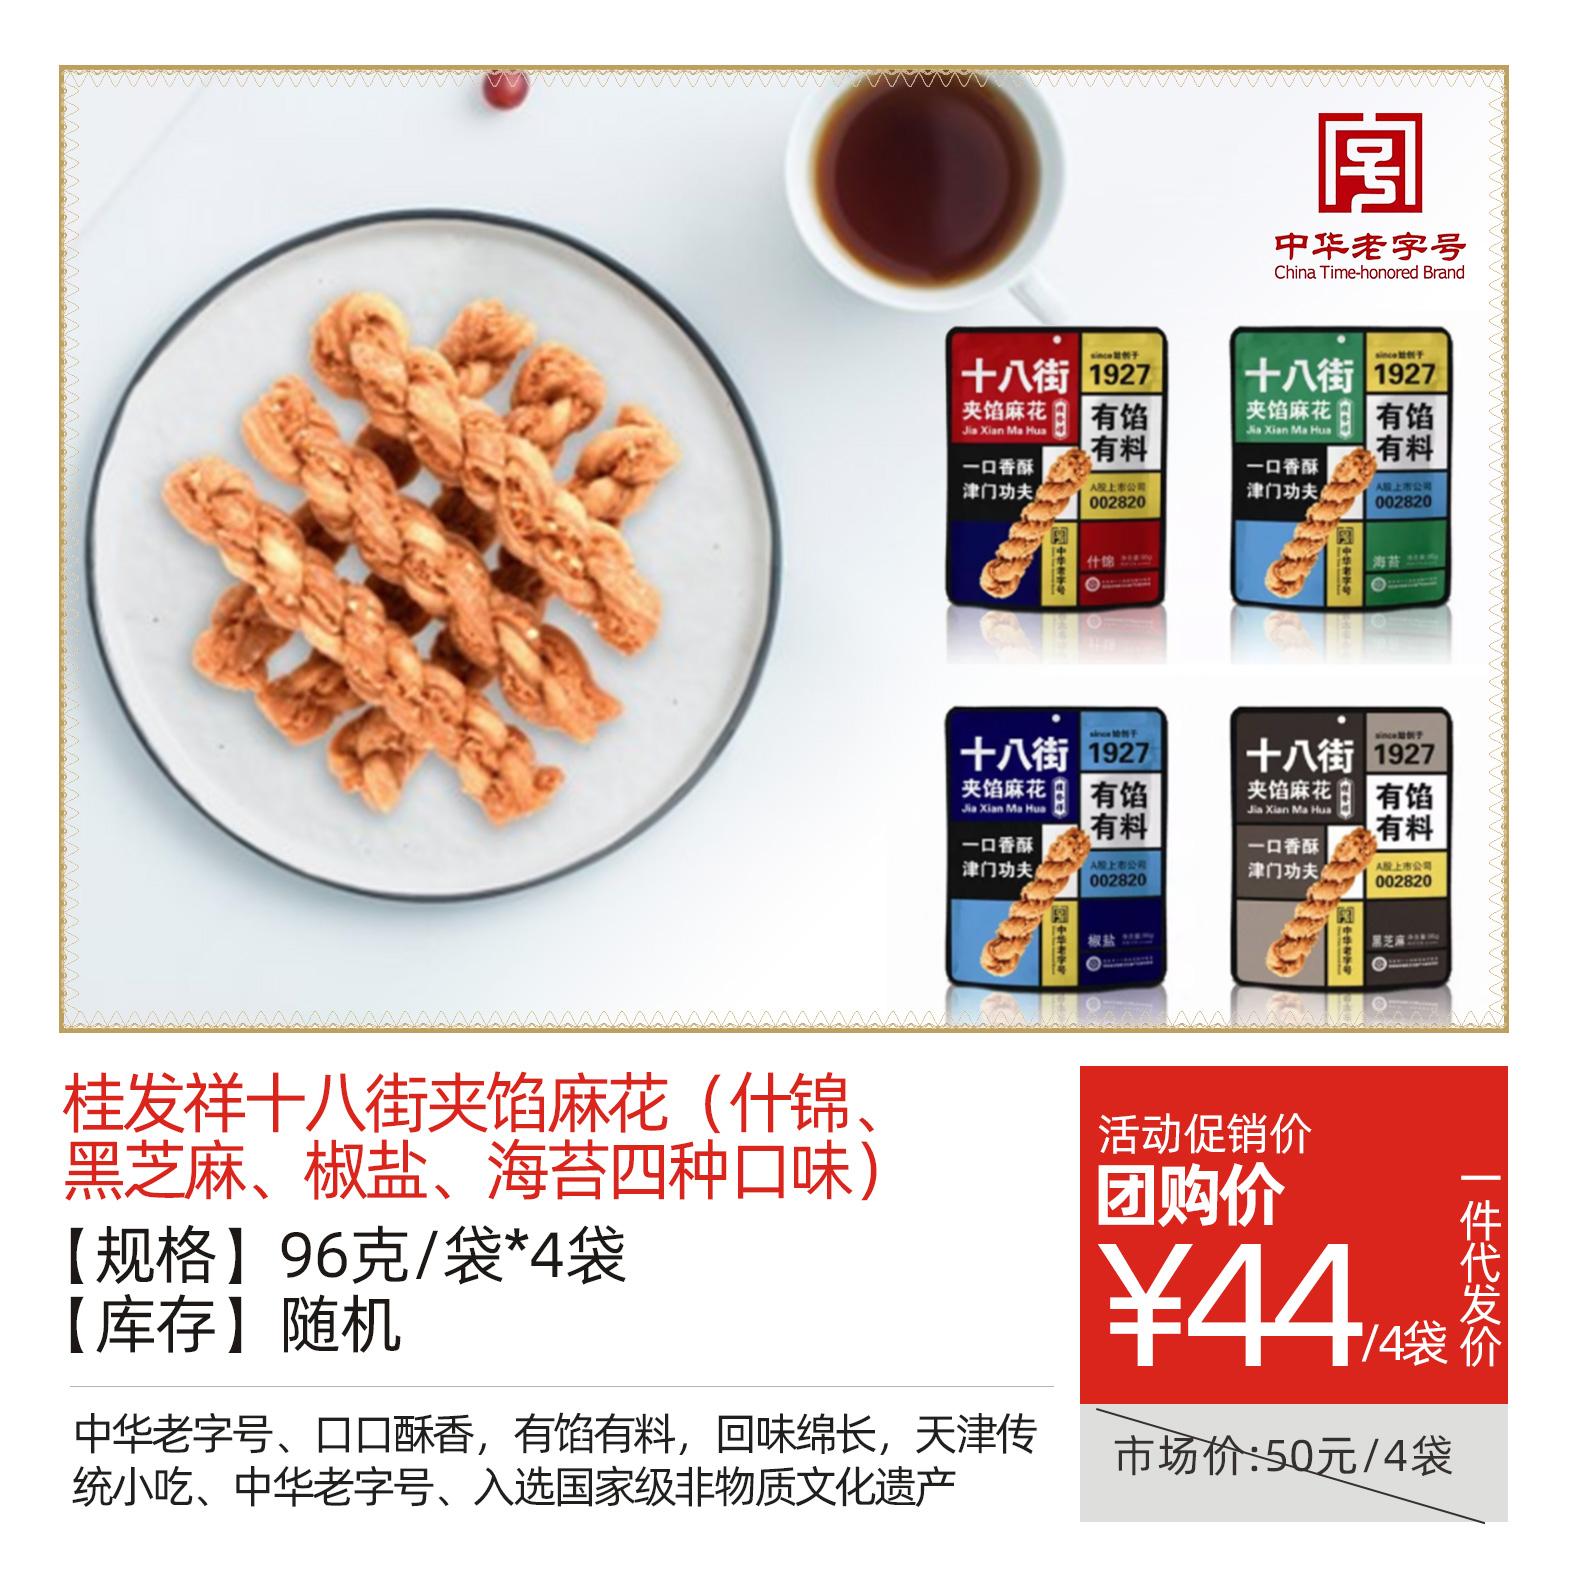 桂发祥十八街夹馅麻花(什锦、黑芝麻、椒盐、海苔四种口味)